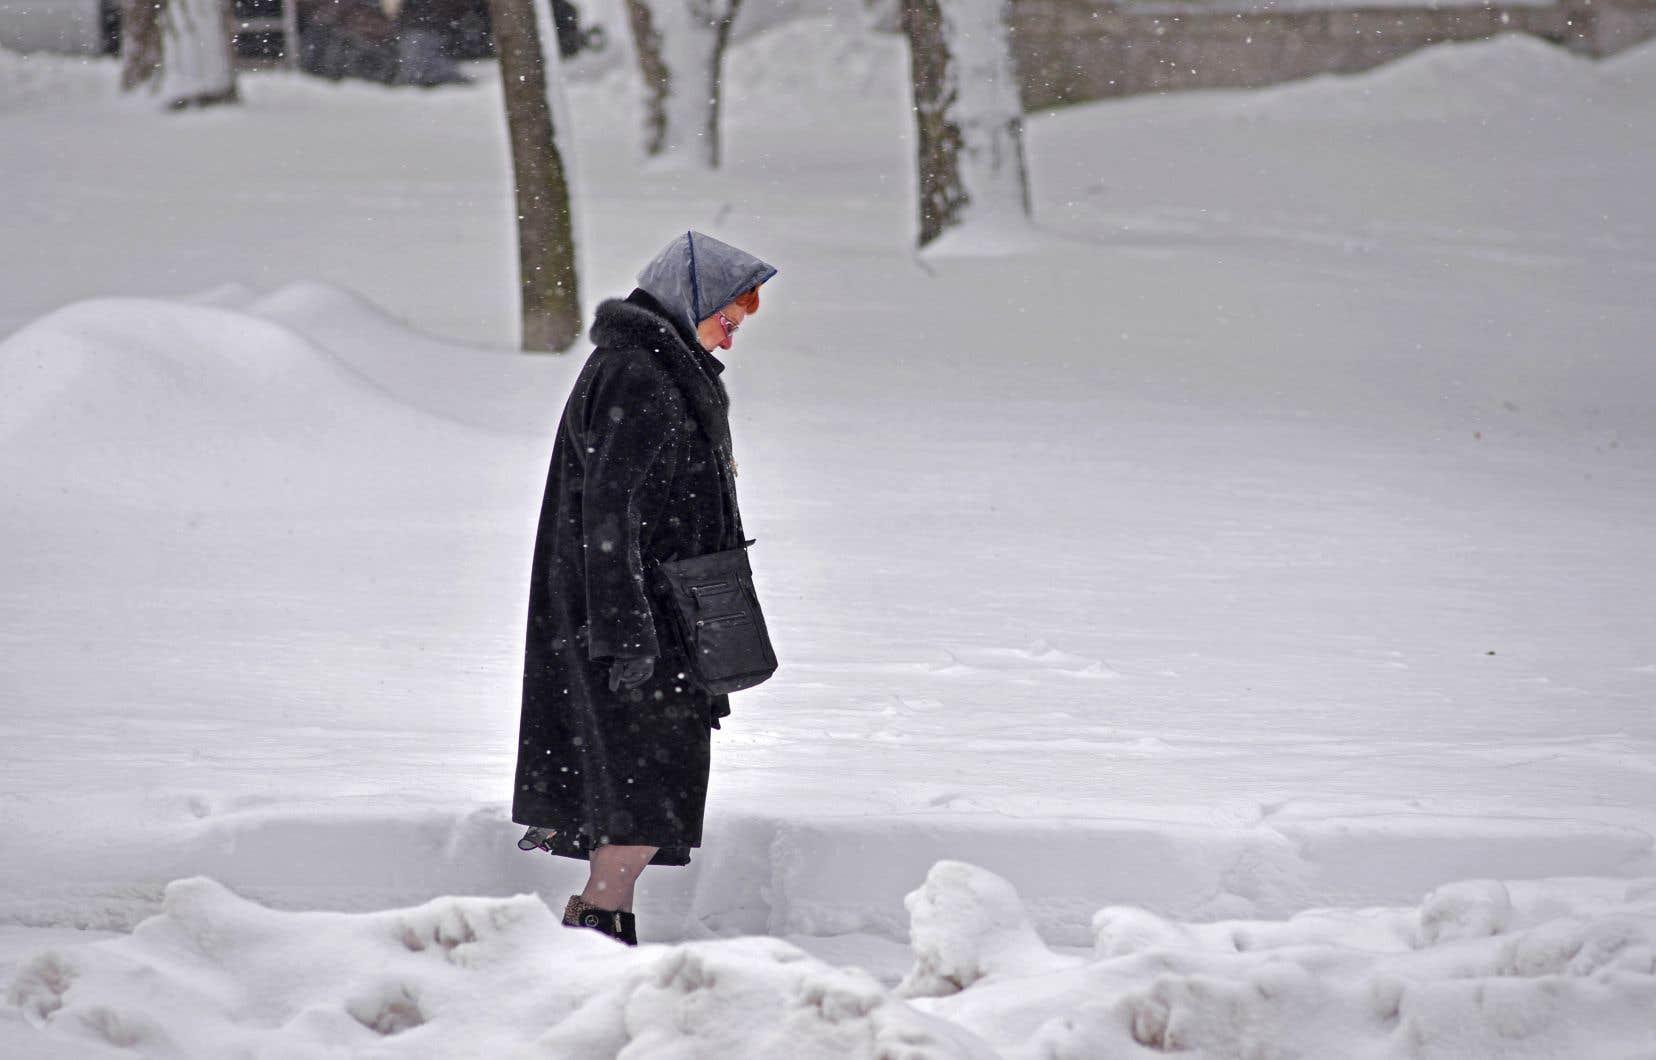 «Durant la période hivernale, le problème principal — du moins chez les personnes vieillissantes — est le risque de chutes», souligne l'auteur.